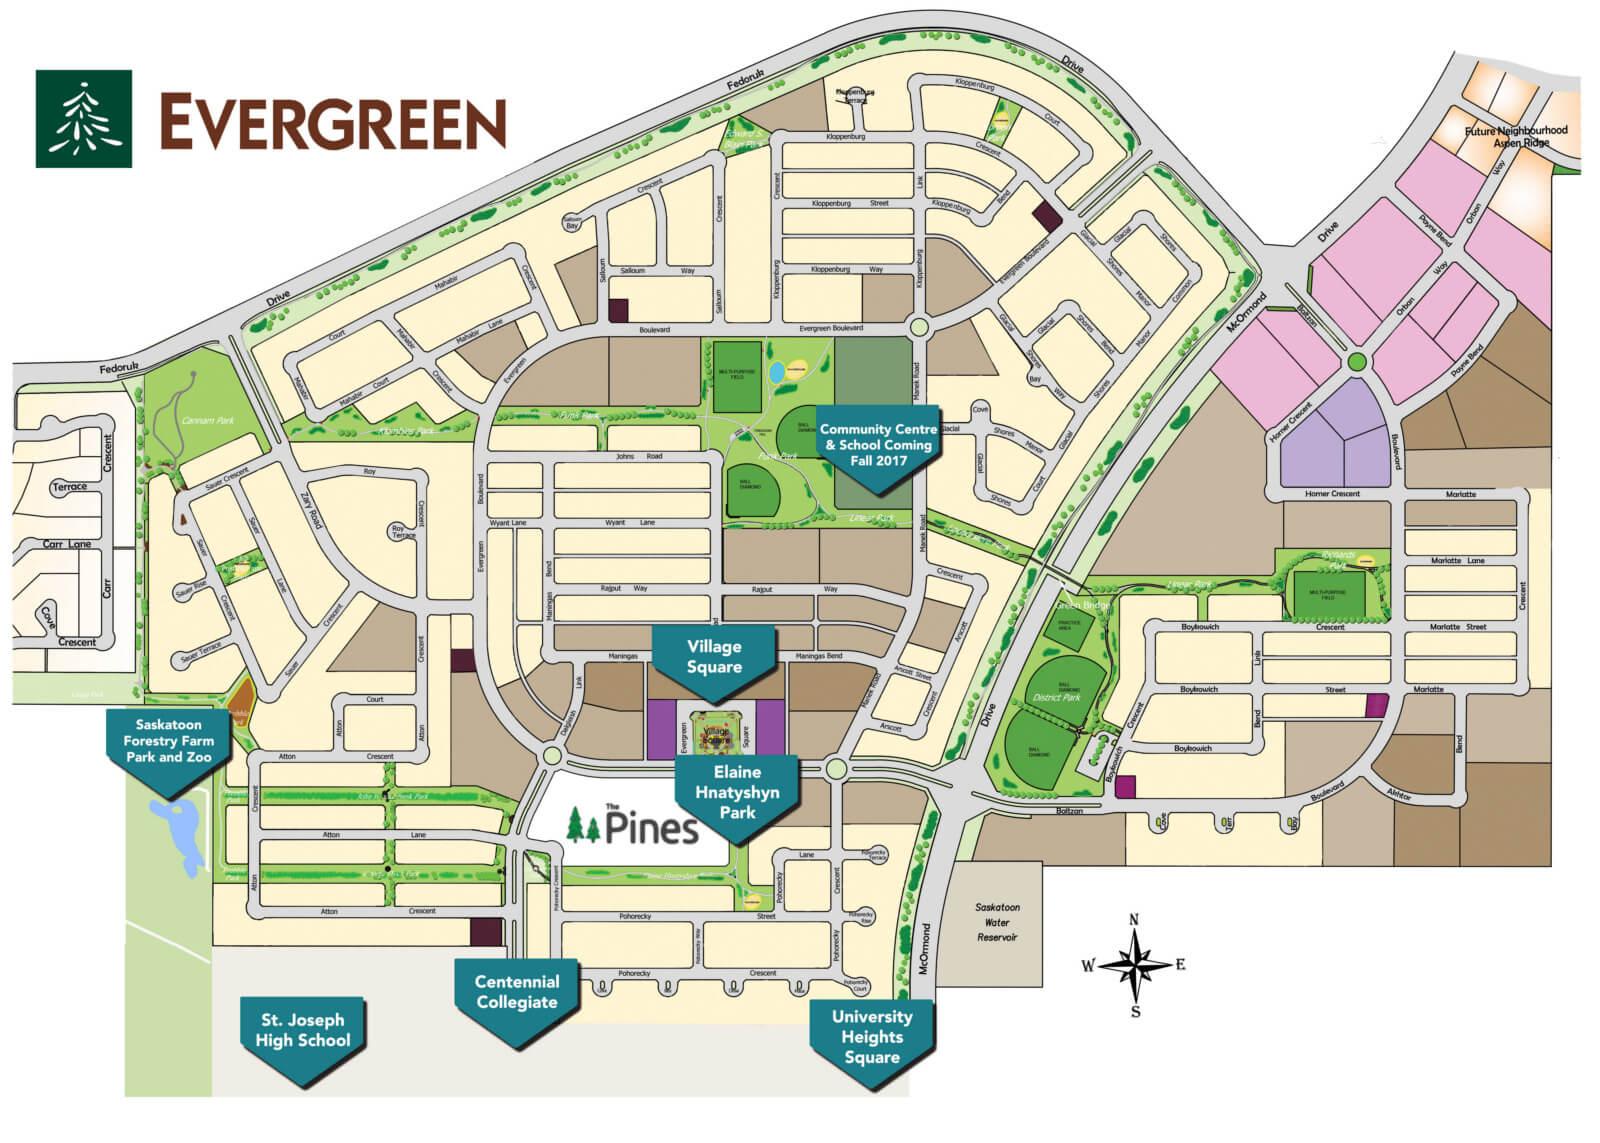 Evergreen-neighbourhood-Amenities-map3.jpg